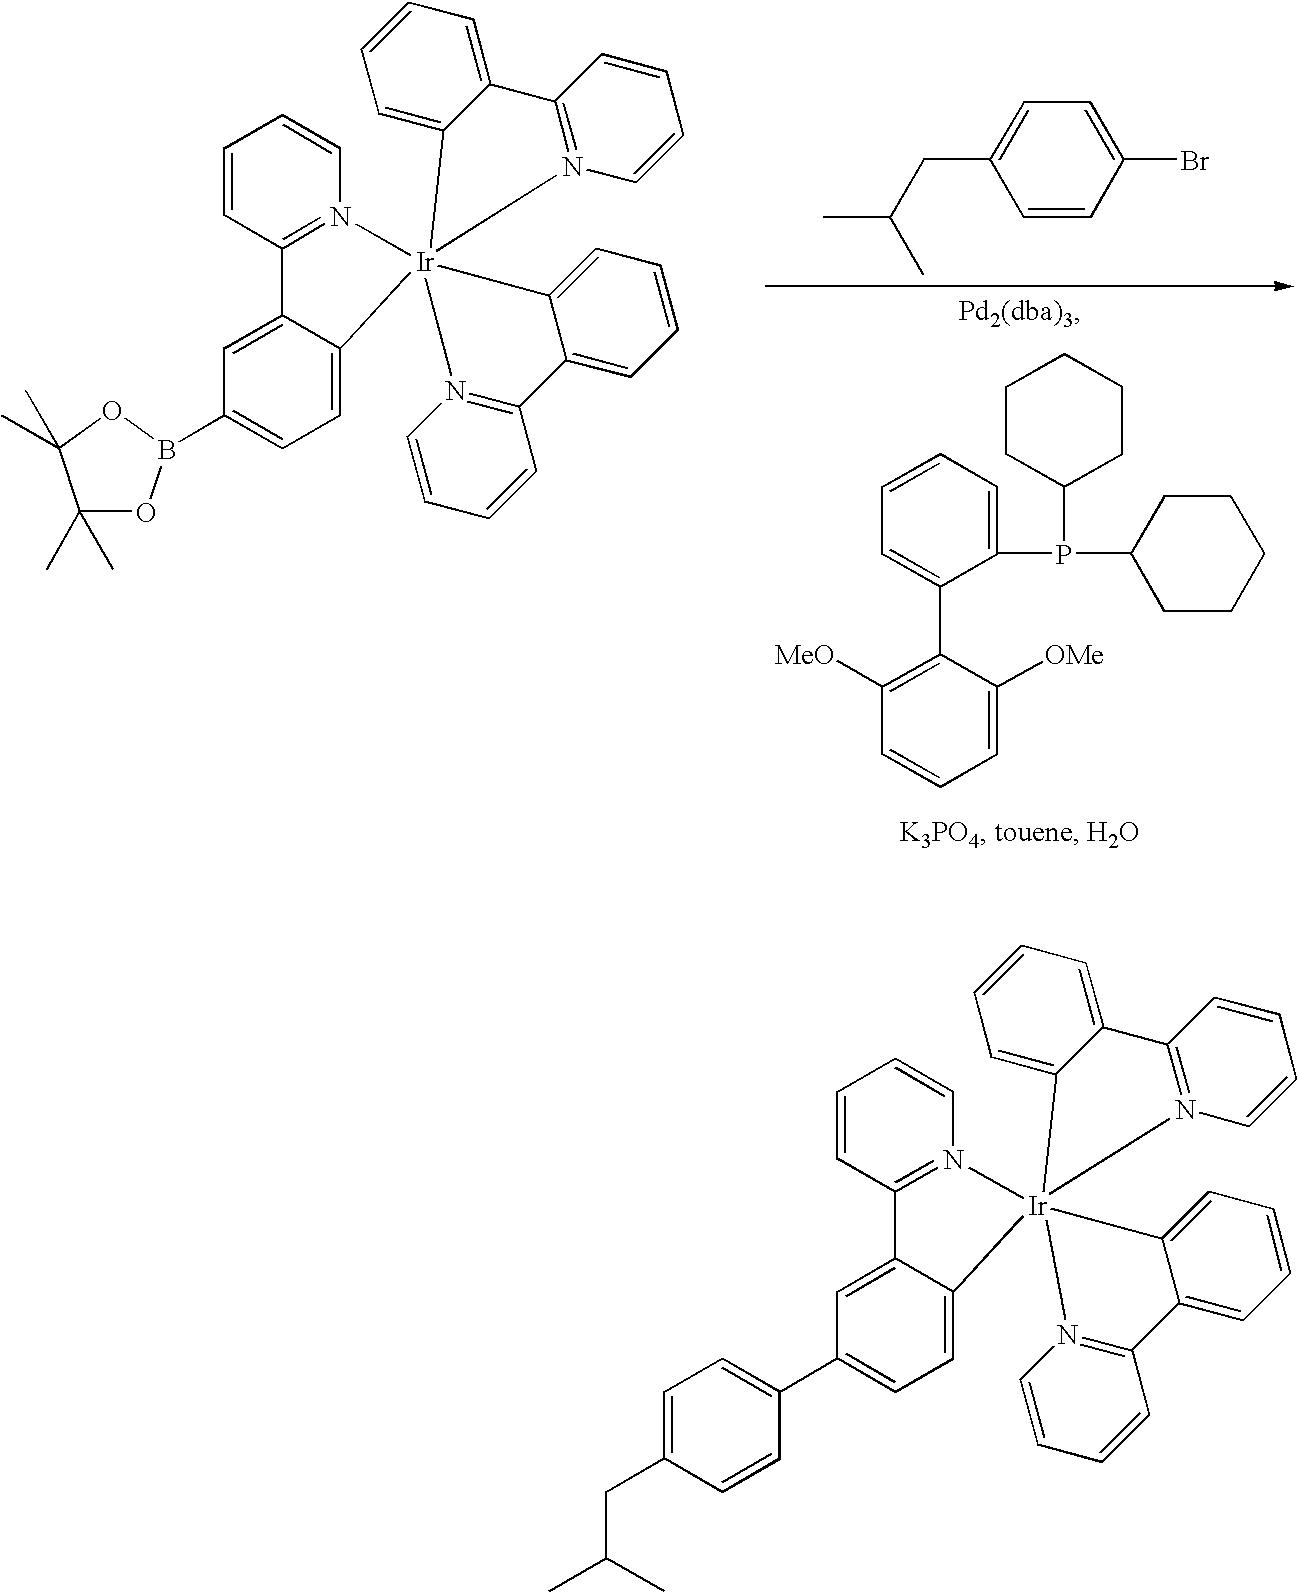 Figure US20090108737A1-20090430-C00153